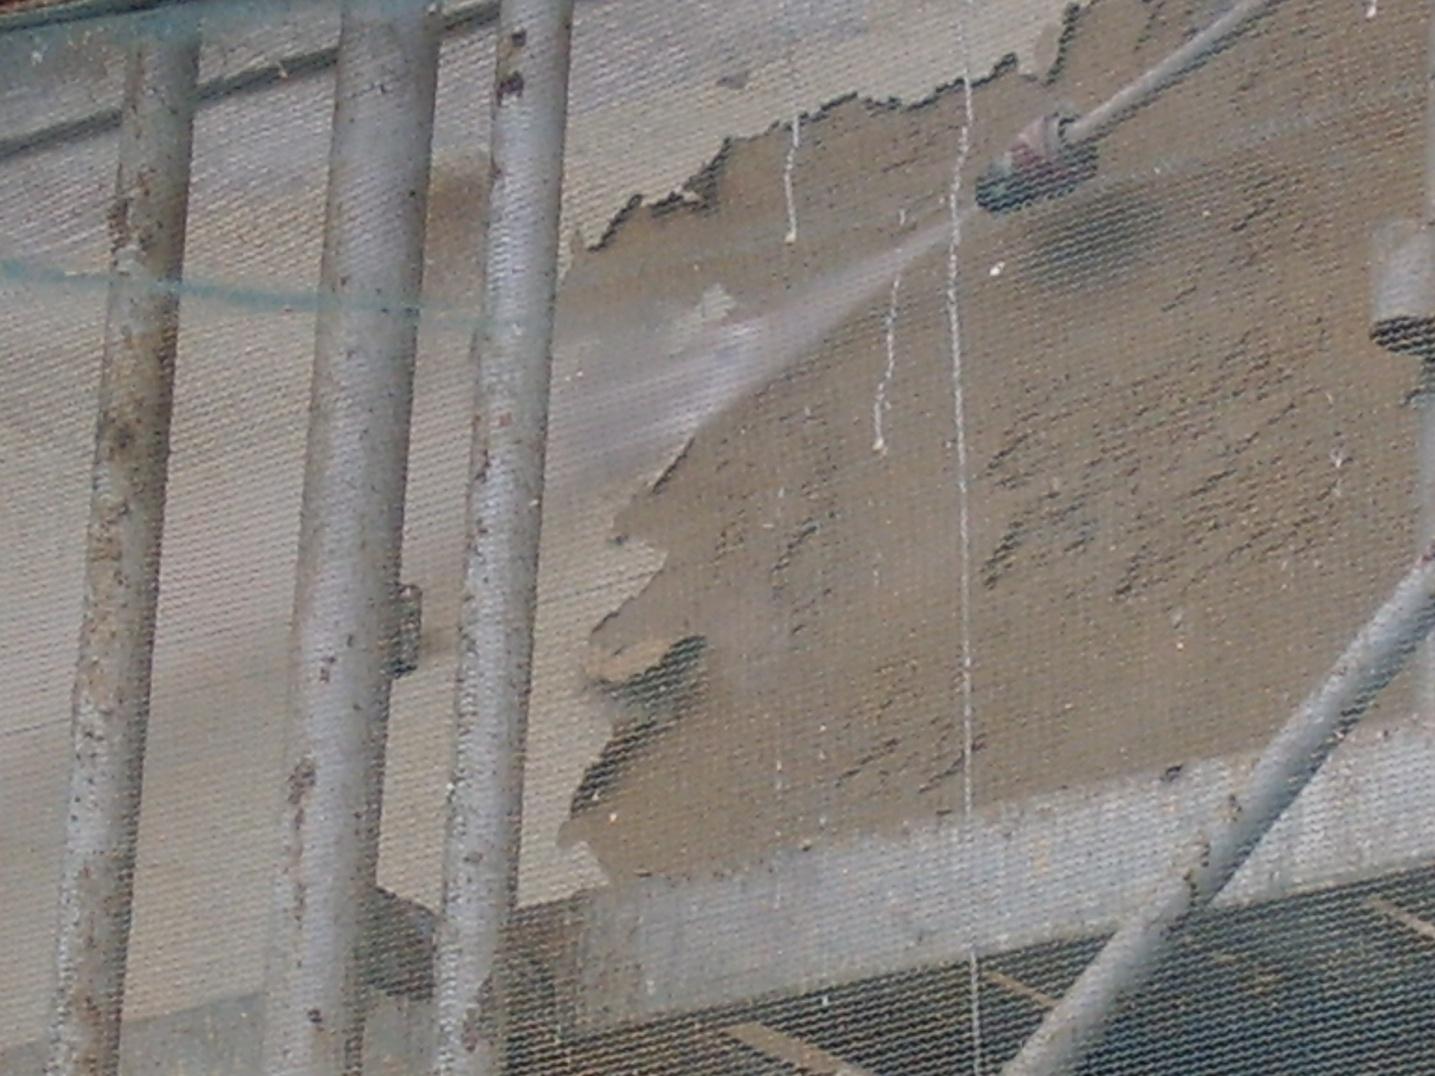 limpieza con agua a presion en fachada a rehabilitar en Girona